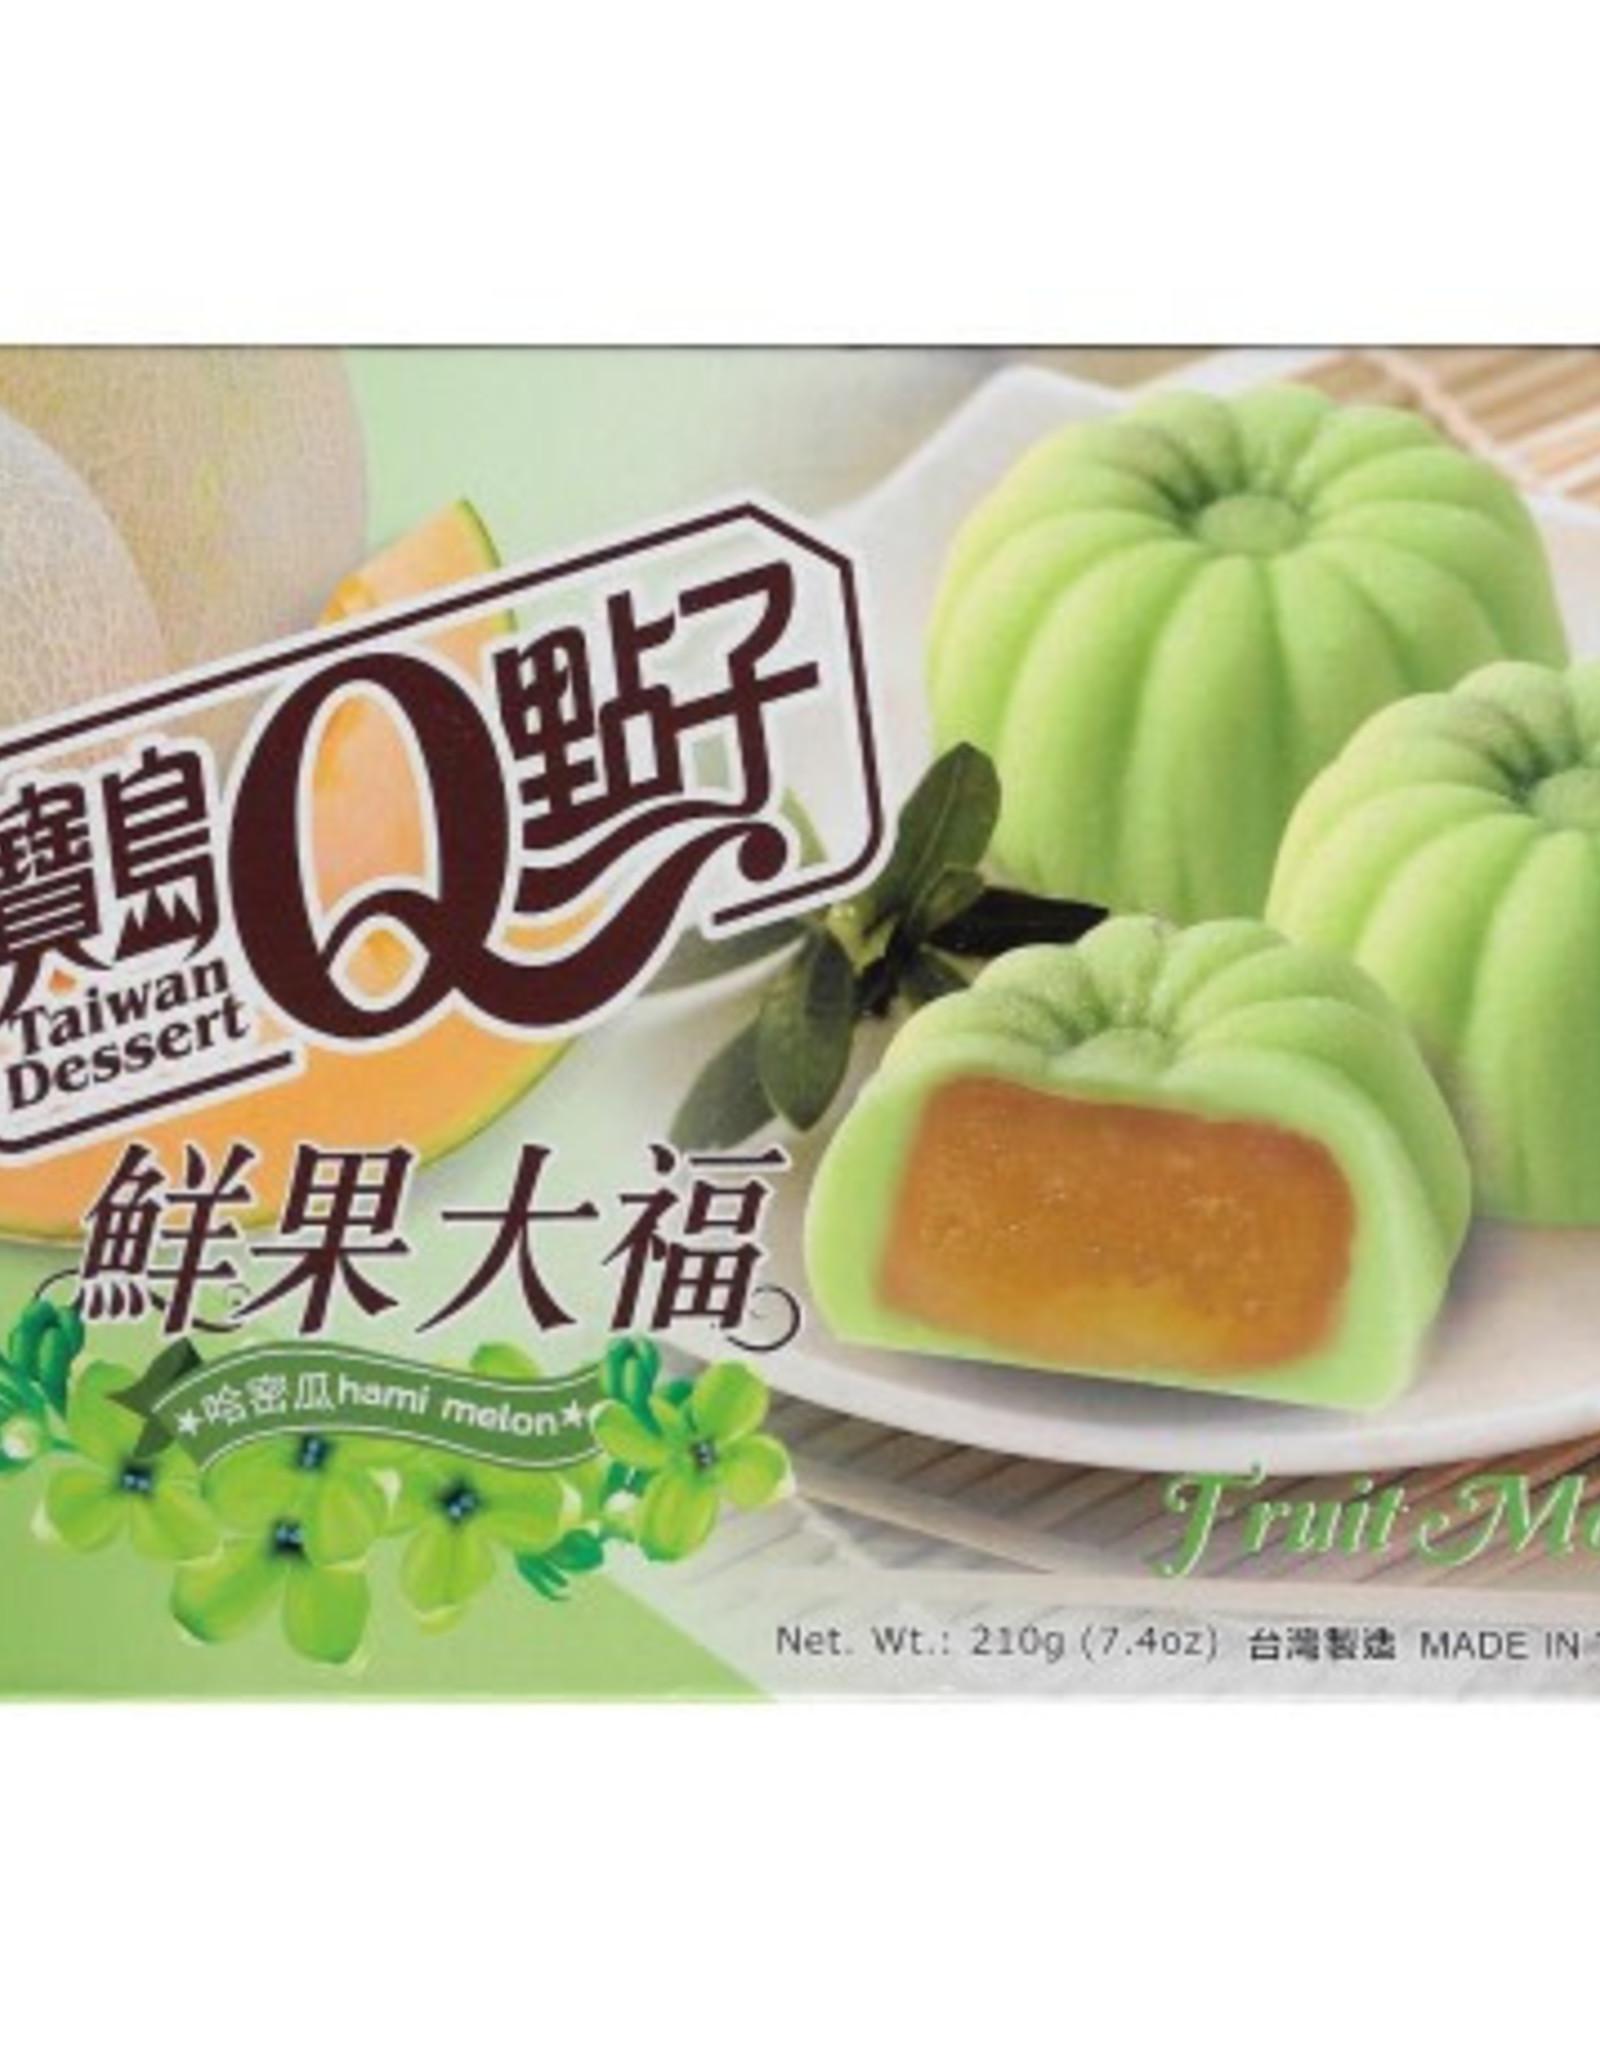 He Fong Fruit Mochi Hami Melon 210g